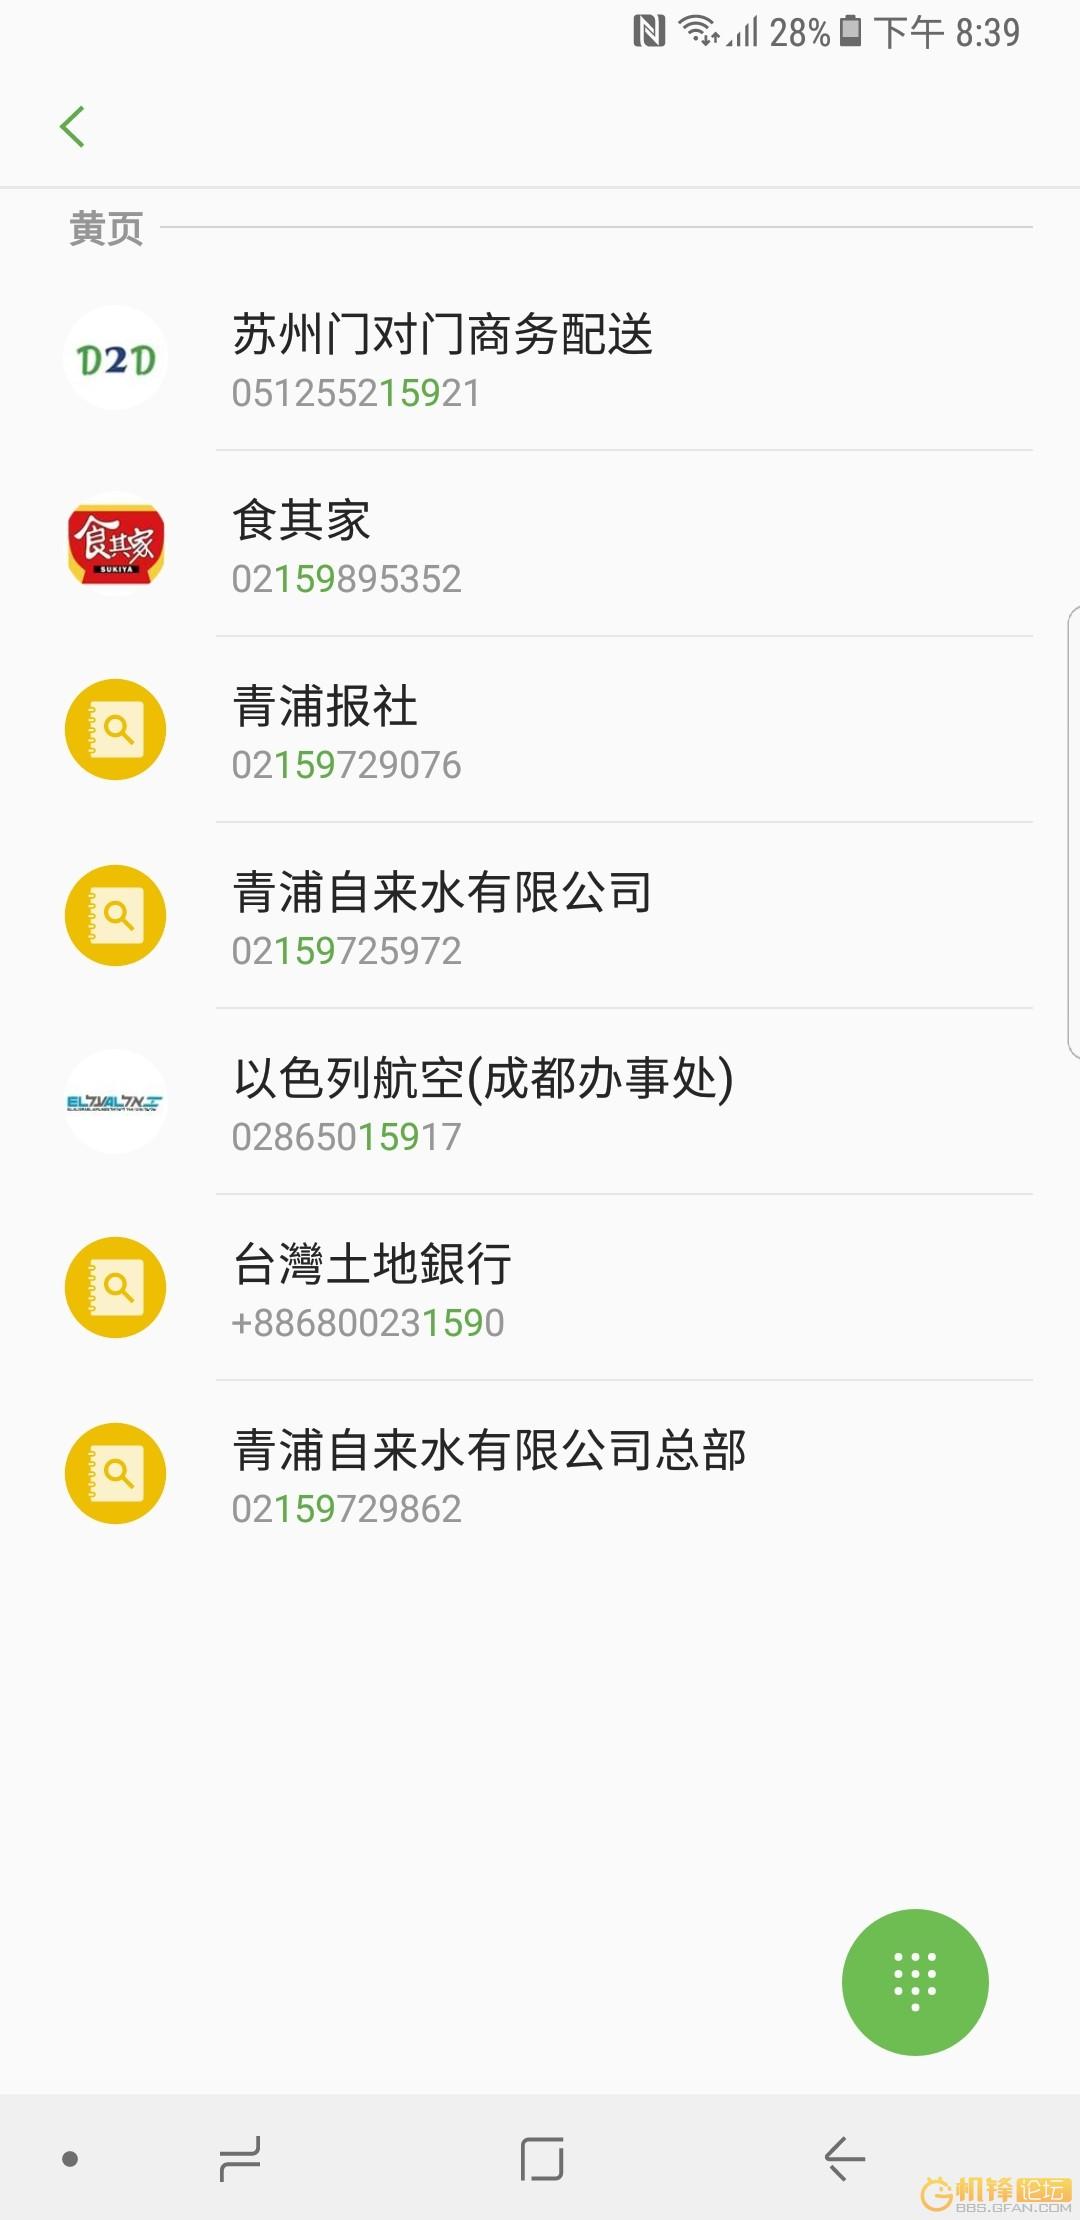 Screenshot_20171124-203946.jpg